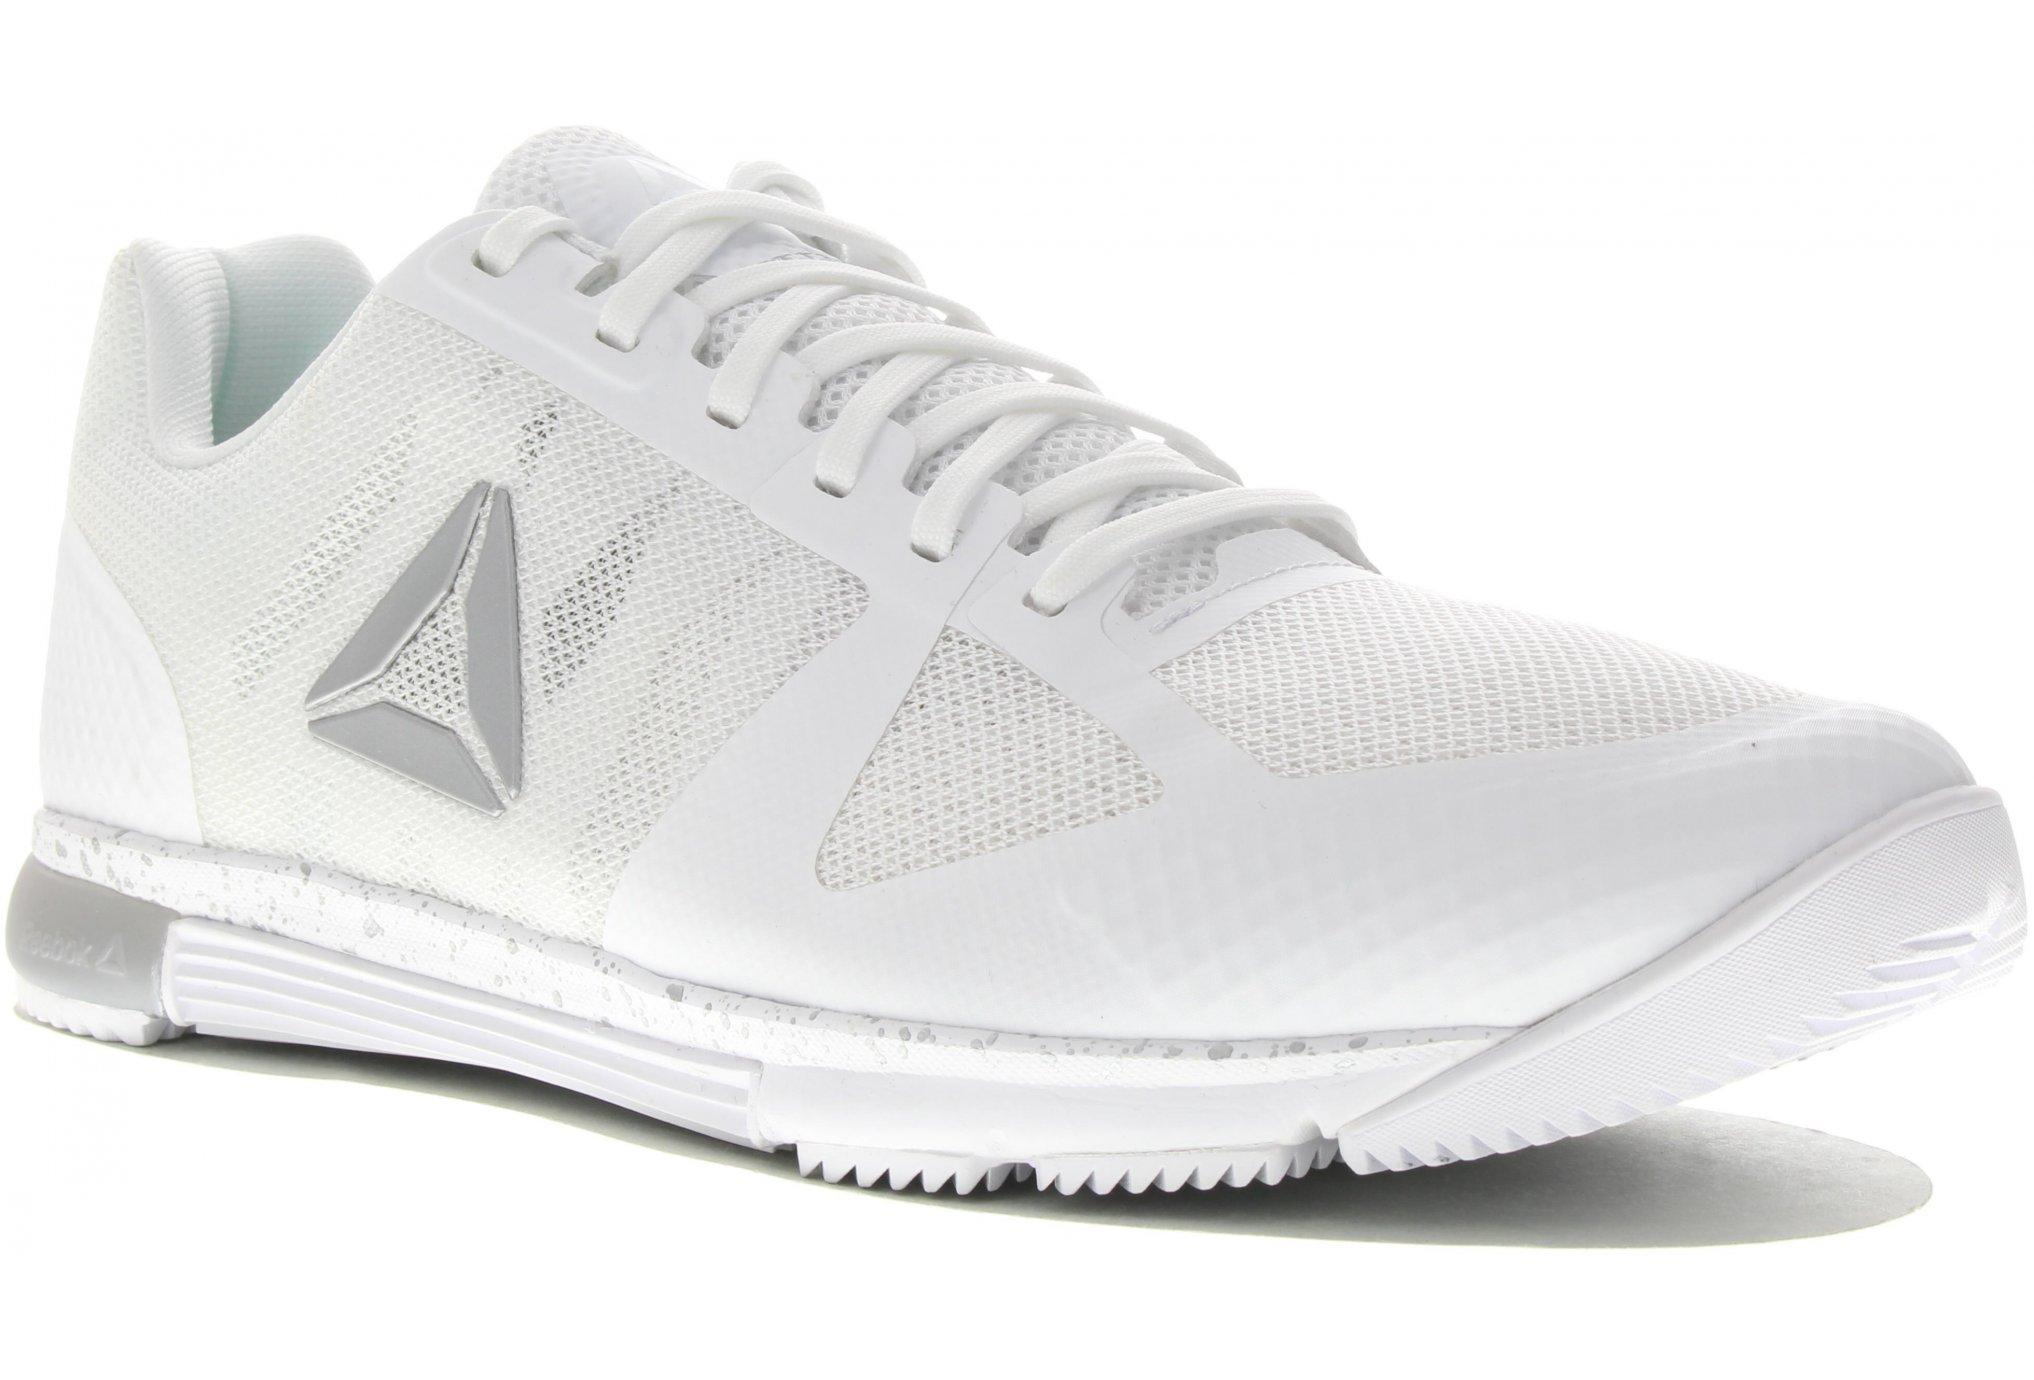 67065a3546c Achat de chaussures de sport blanc pas cher